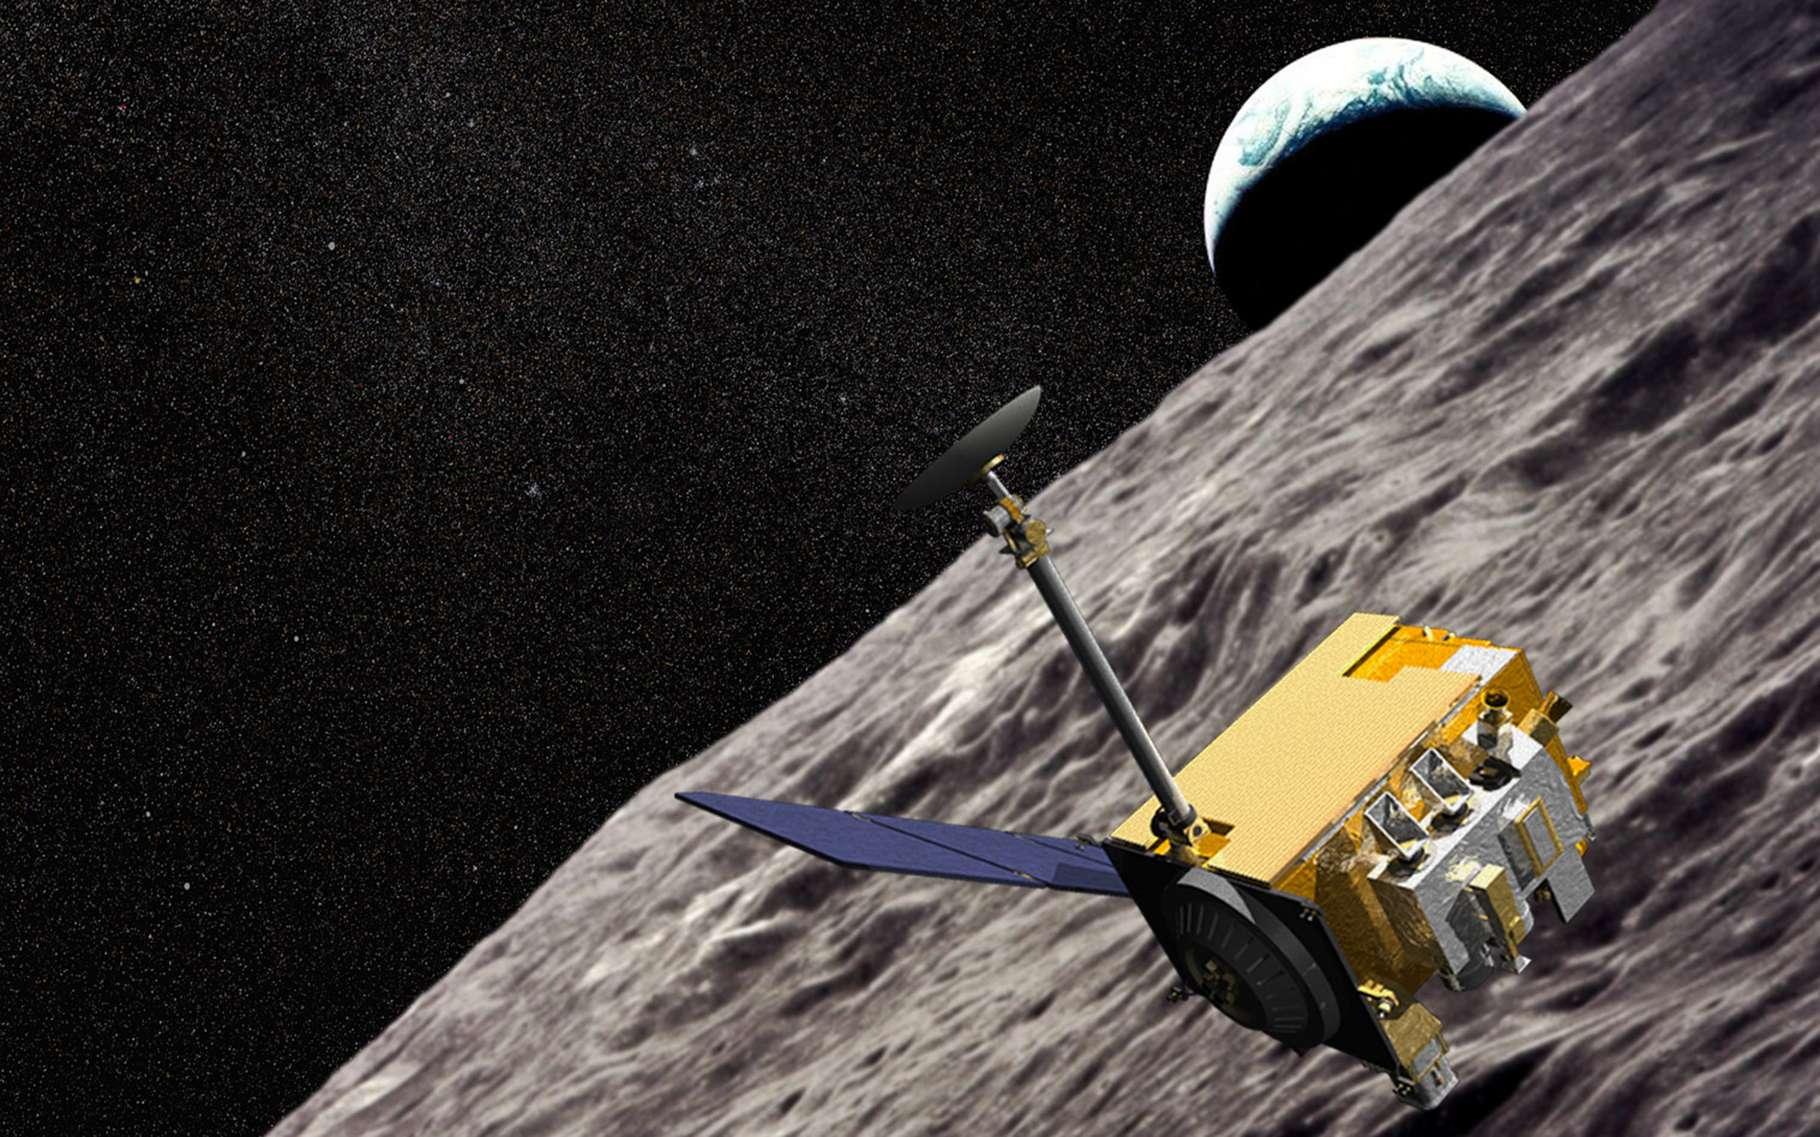 Vue d'artiste de la sonde lunaire LRO, lancée en juin 2009 et toujours en activité. © Nasa, GSFC